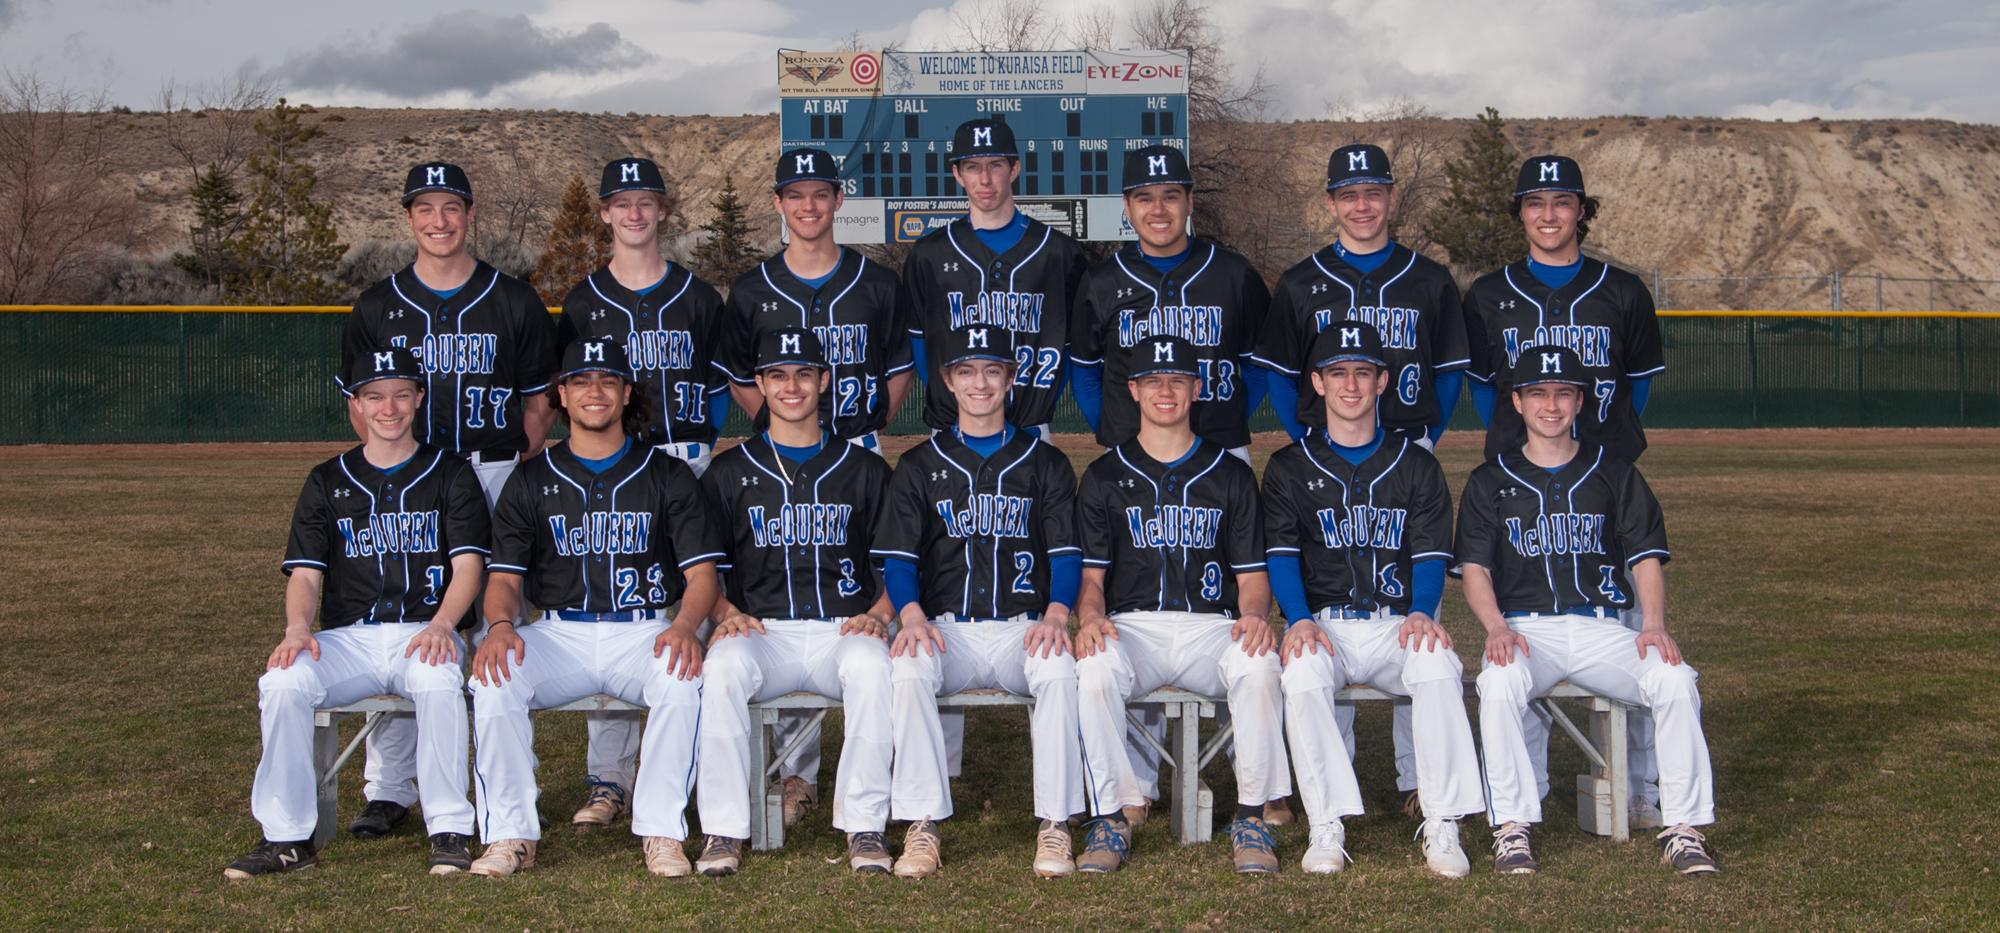 McQueen Lancer Baseball – McQueen High School, Reno, NV